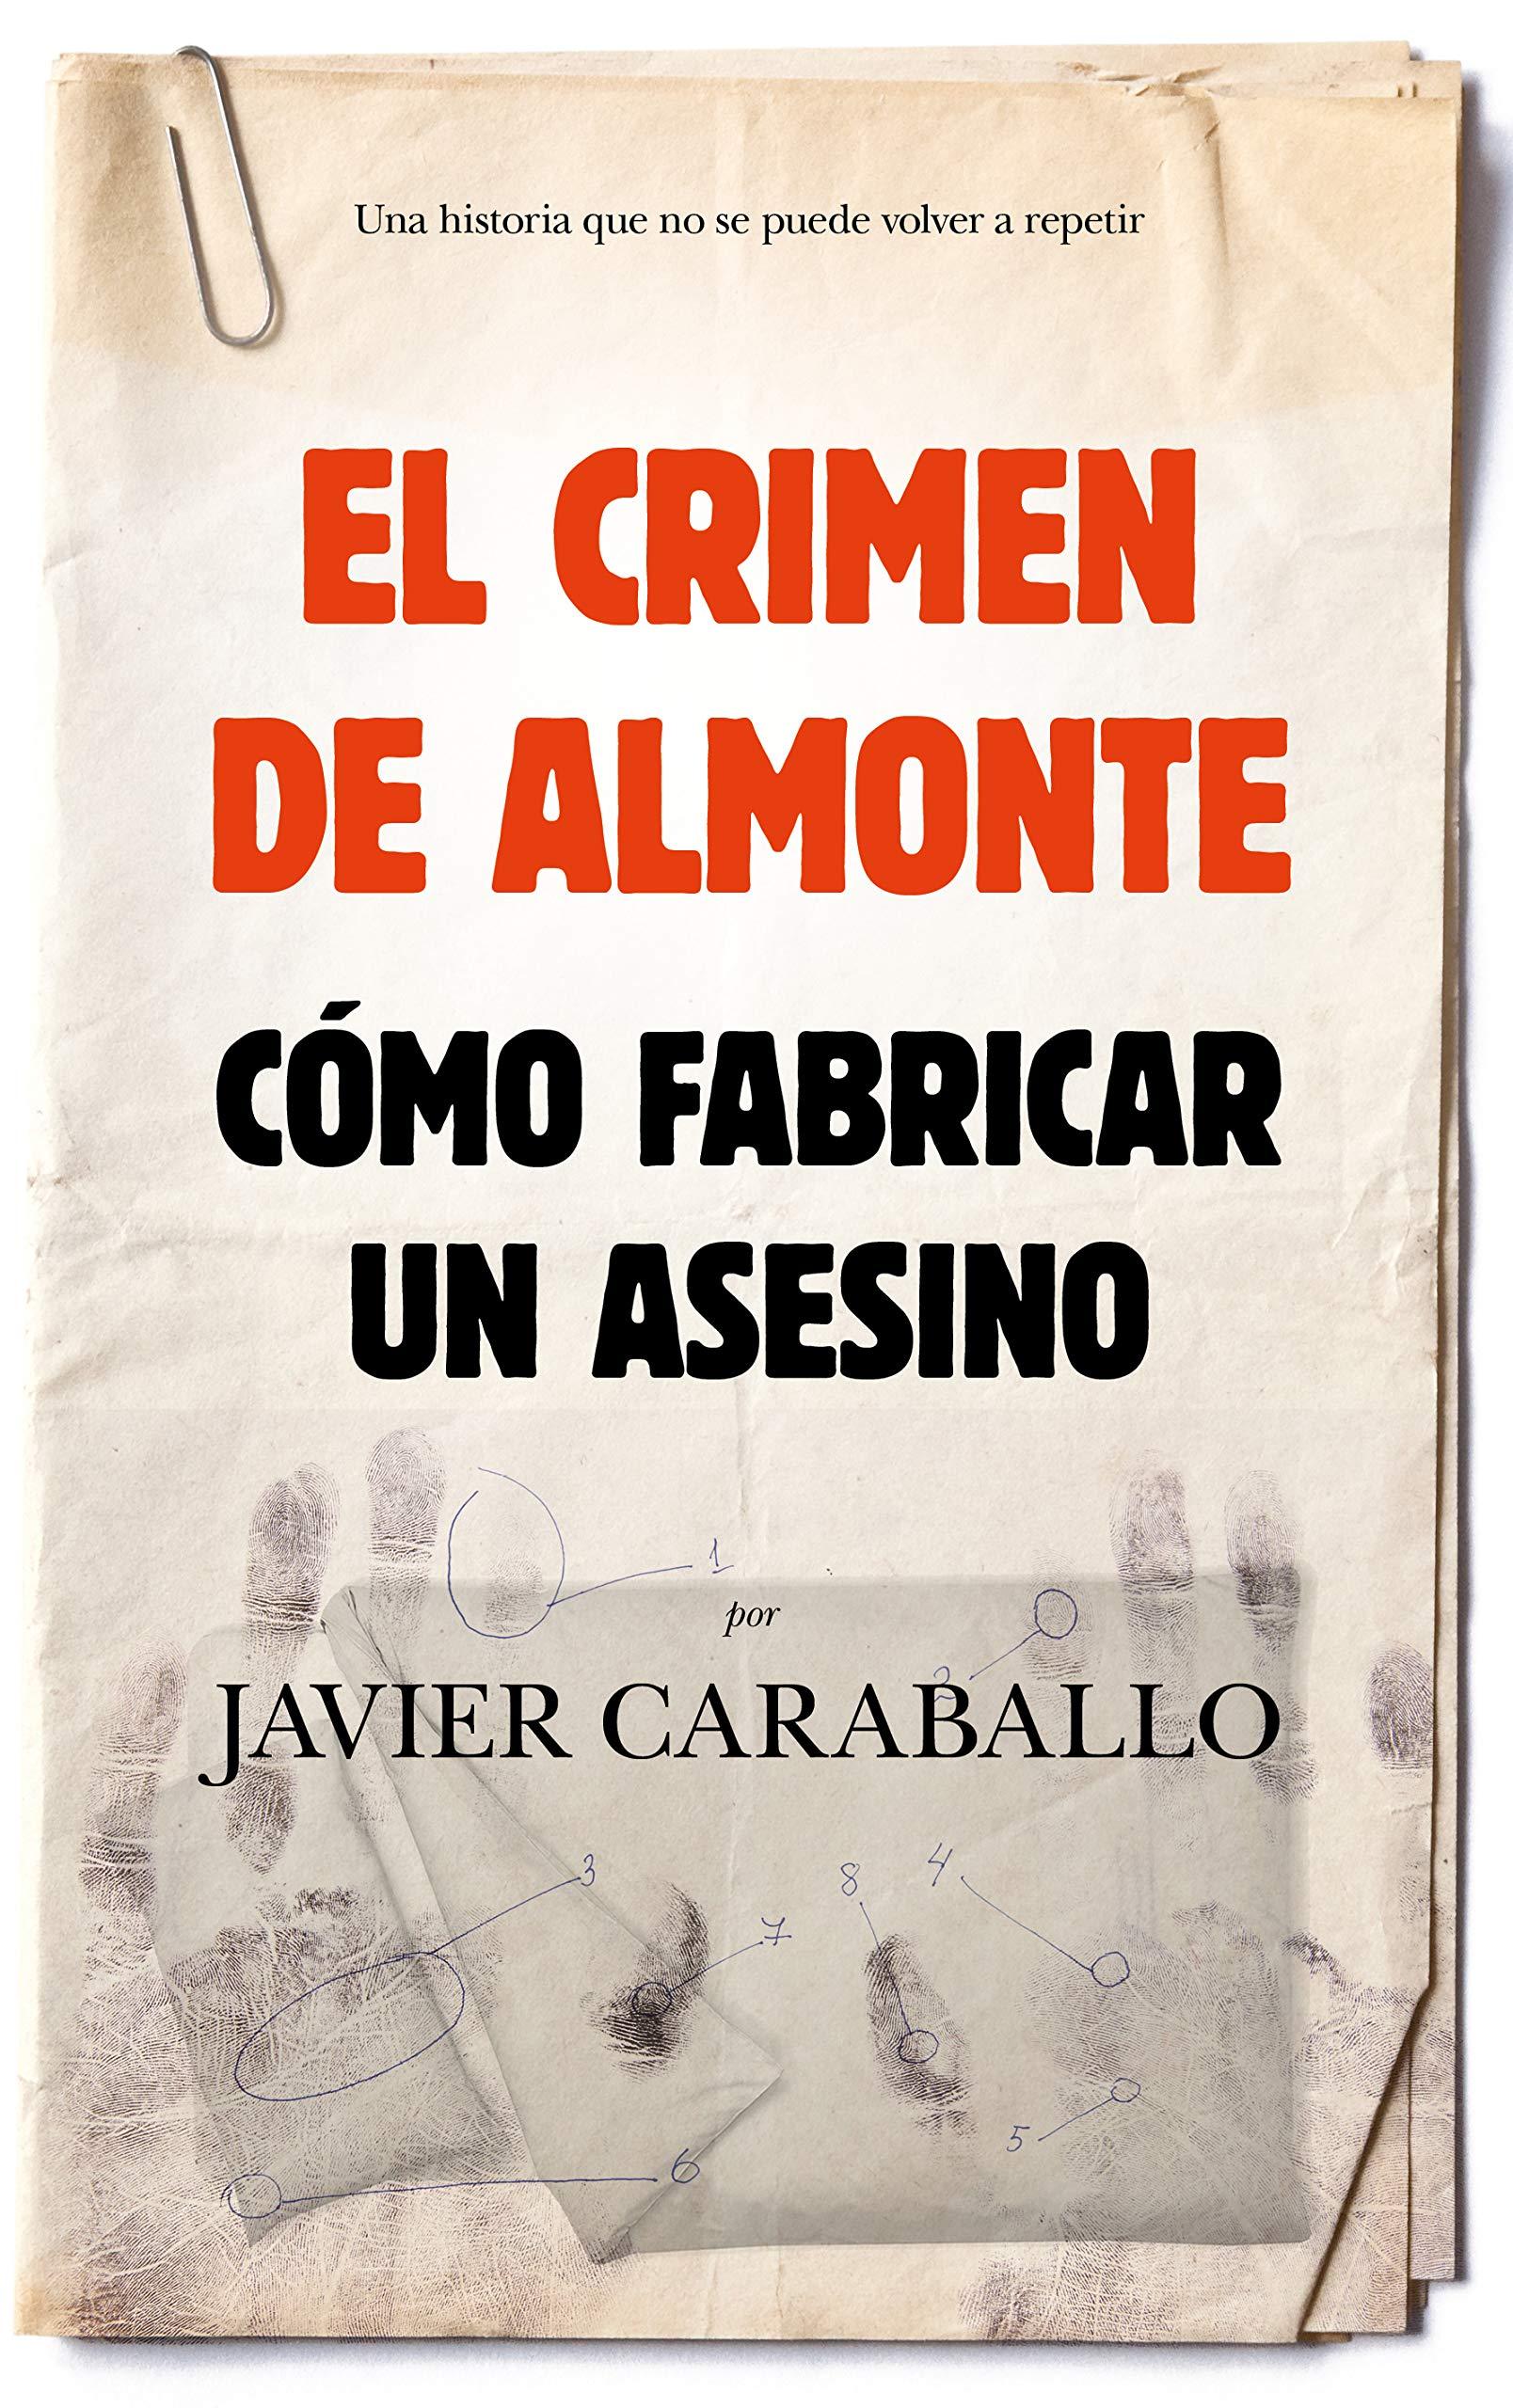 El crimen de Almonte (Sociedad actual): Amazon.es: Caraballo Ordóñez, Francisco Javier: Libros